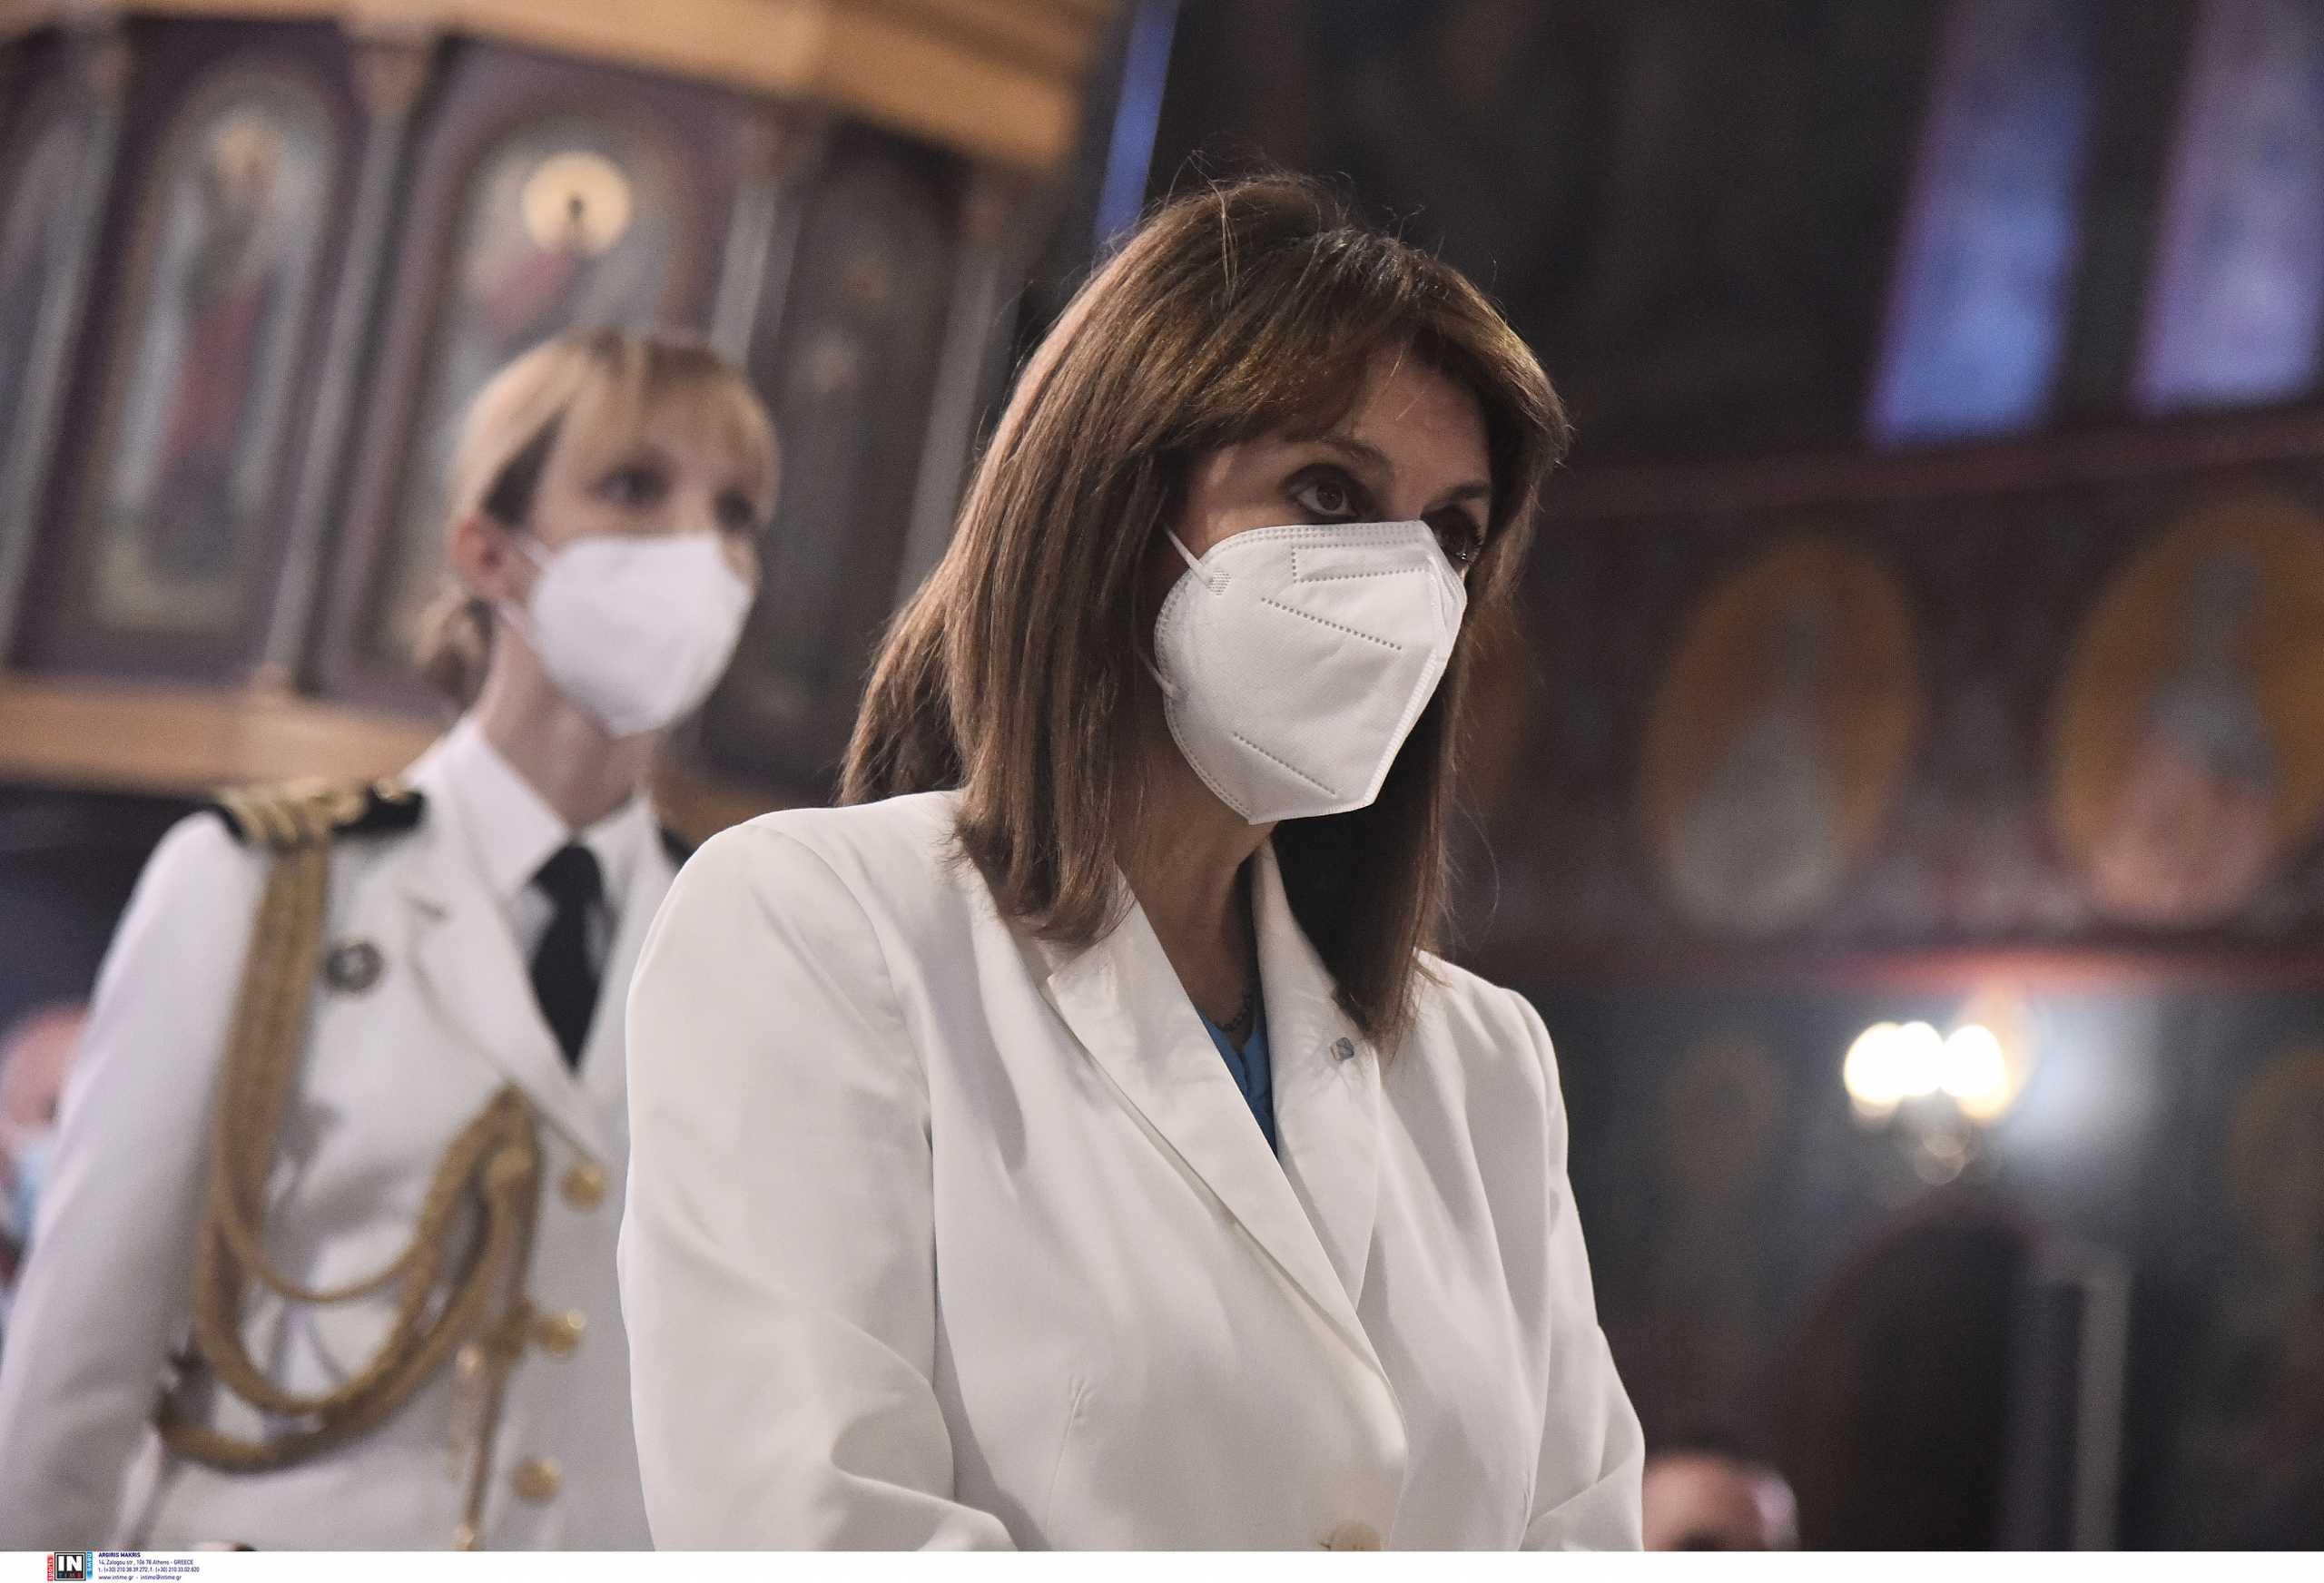 Το «ευχαριστώ» της Κατερίνας Σακελλαροπούλου στις χώρες που έστειλαν βοήθεια στην Ελλάδα για τις φωτιές